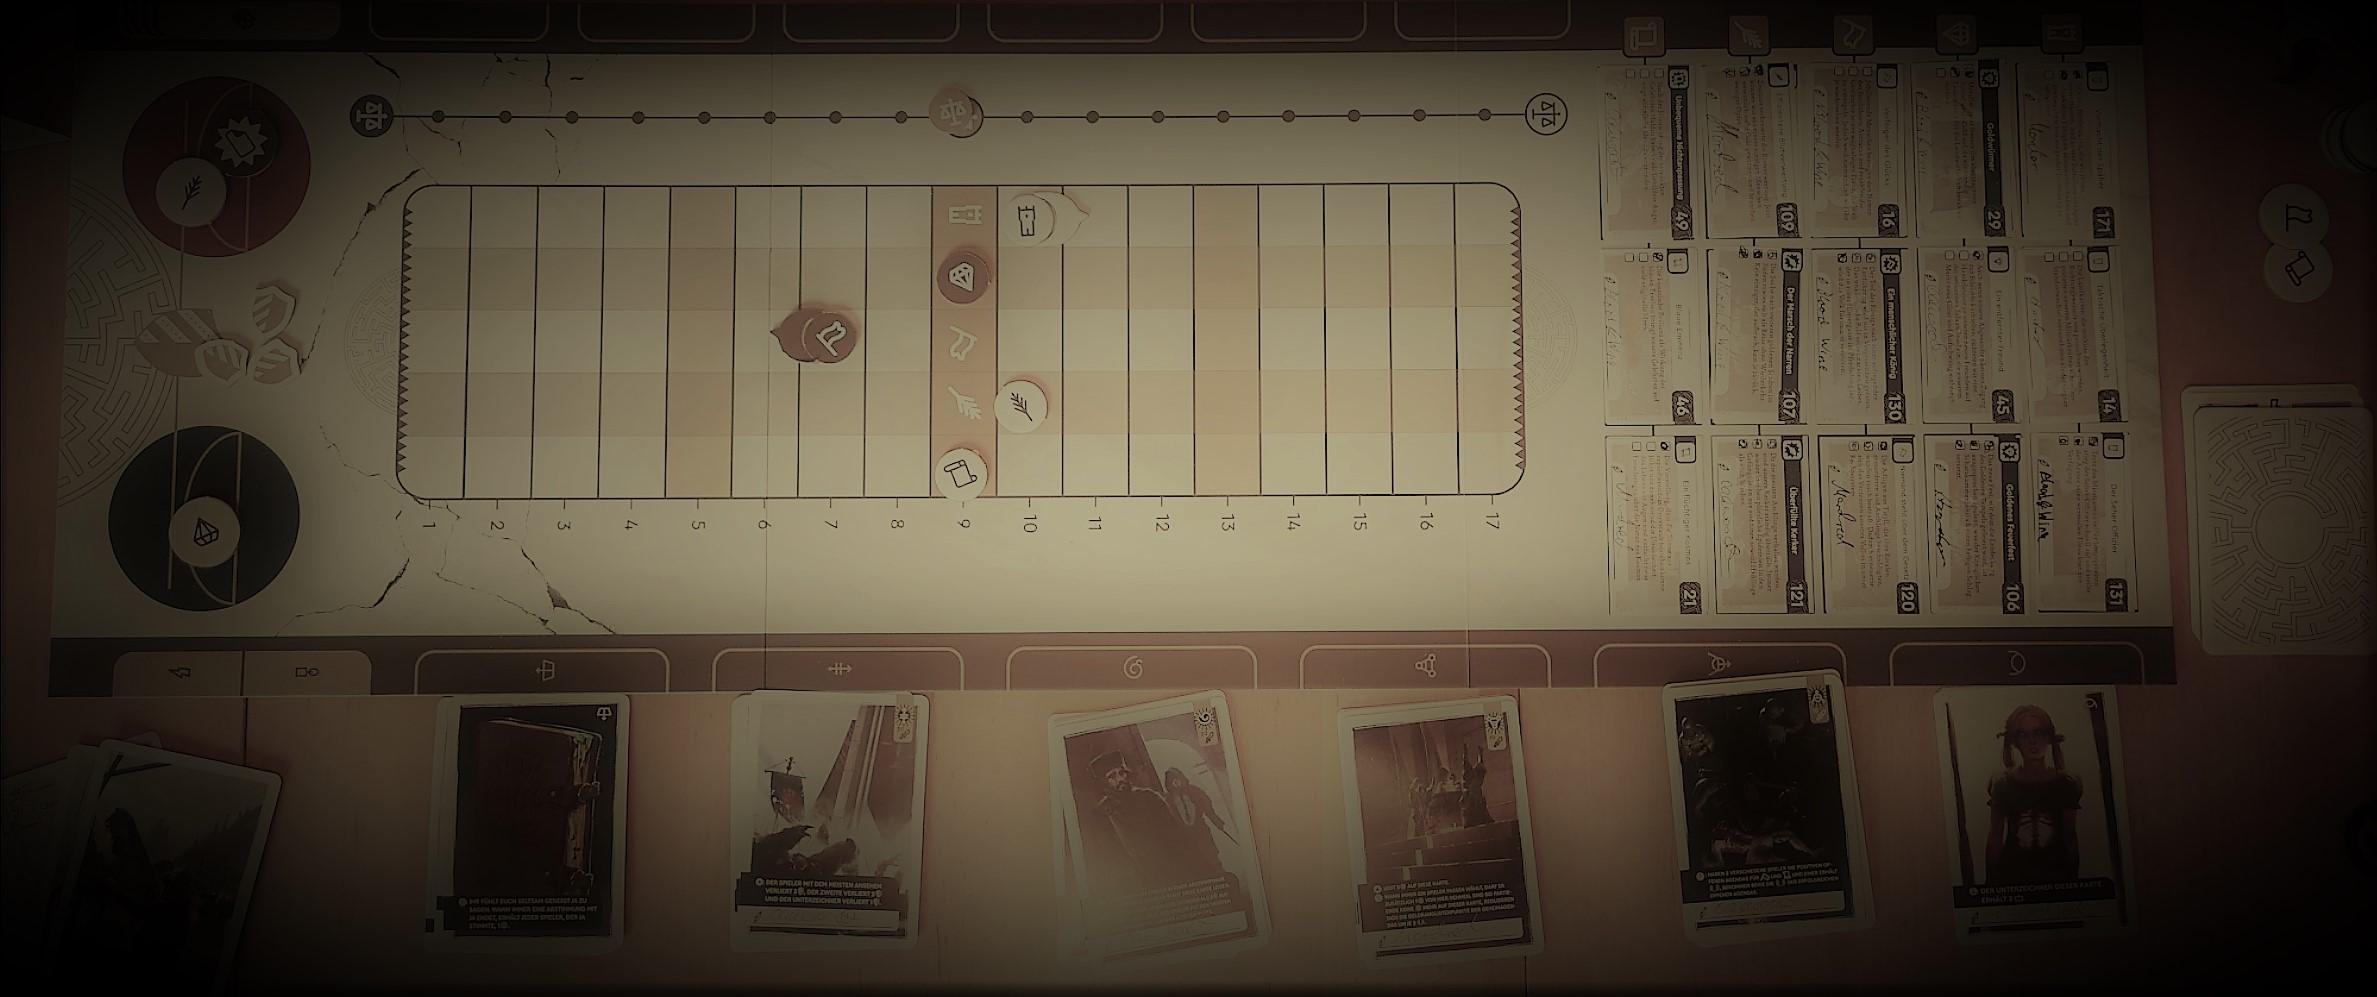 The King's Dilemma - Online-Spiel - Foto von Alex Sch.